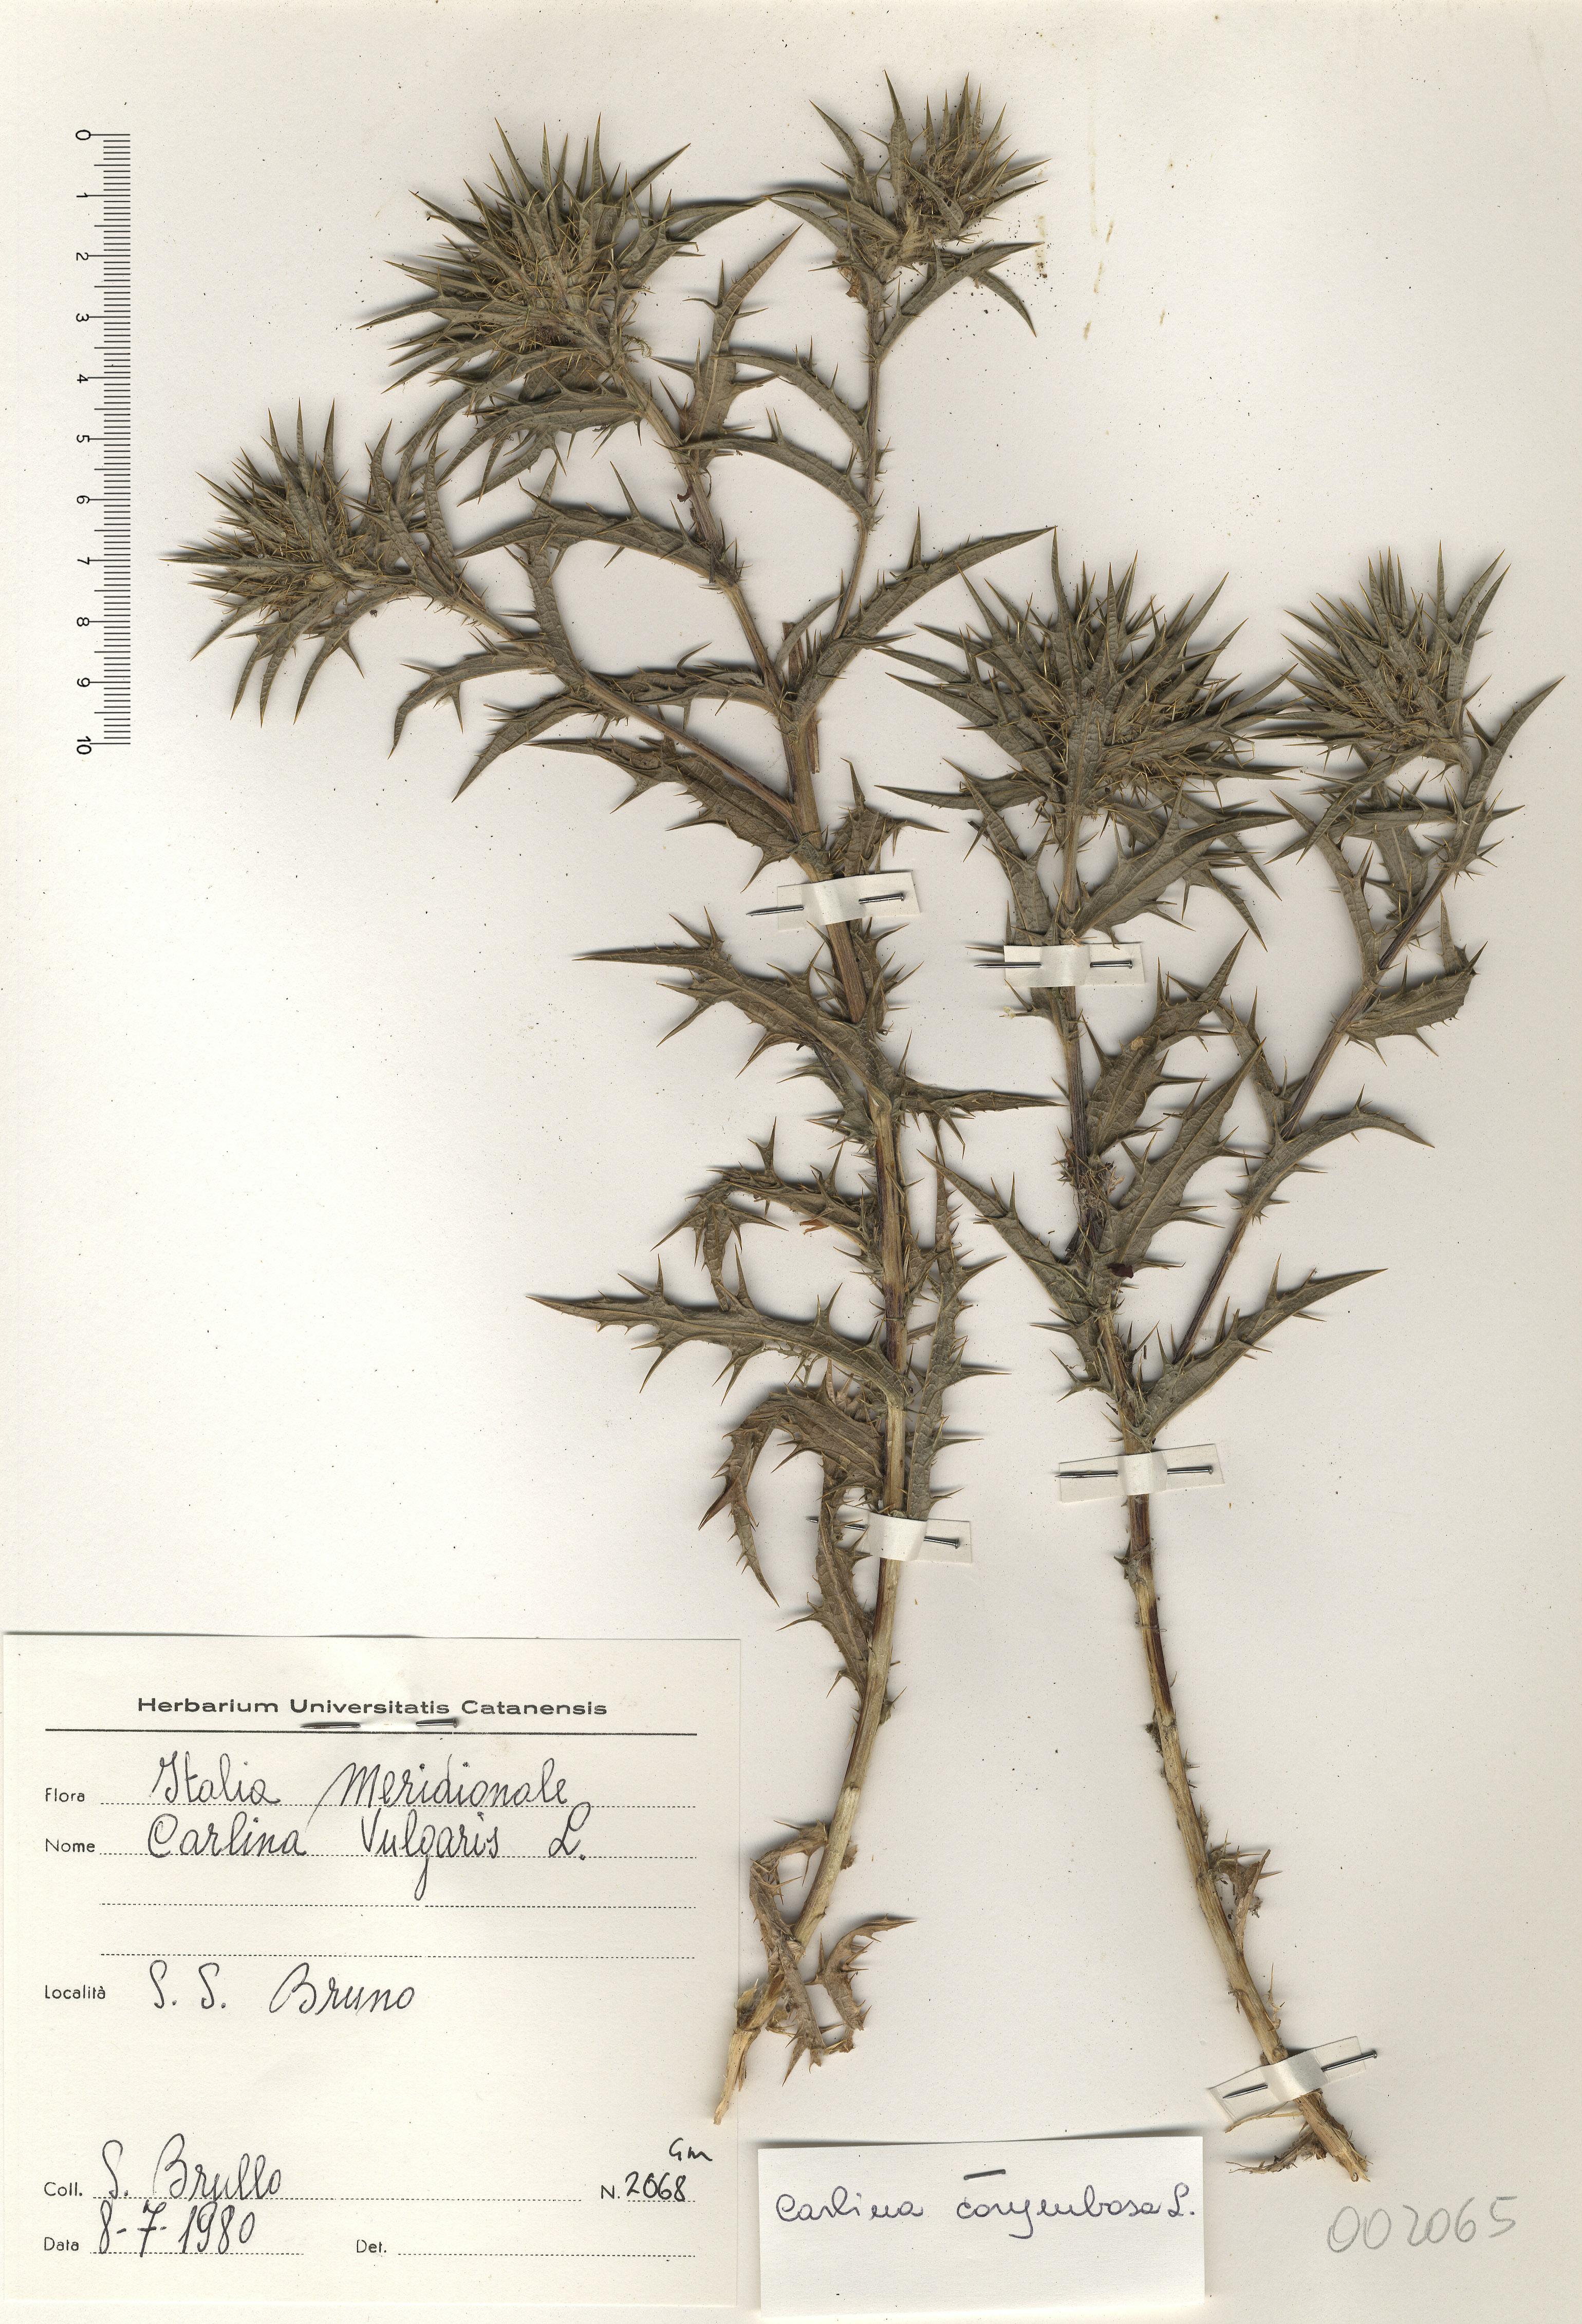 © Hortus Botanicus Catinensis - Herb. sheet 002065<br>